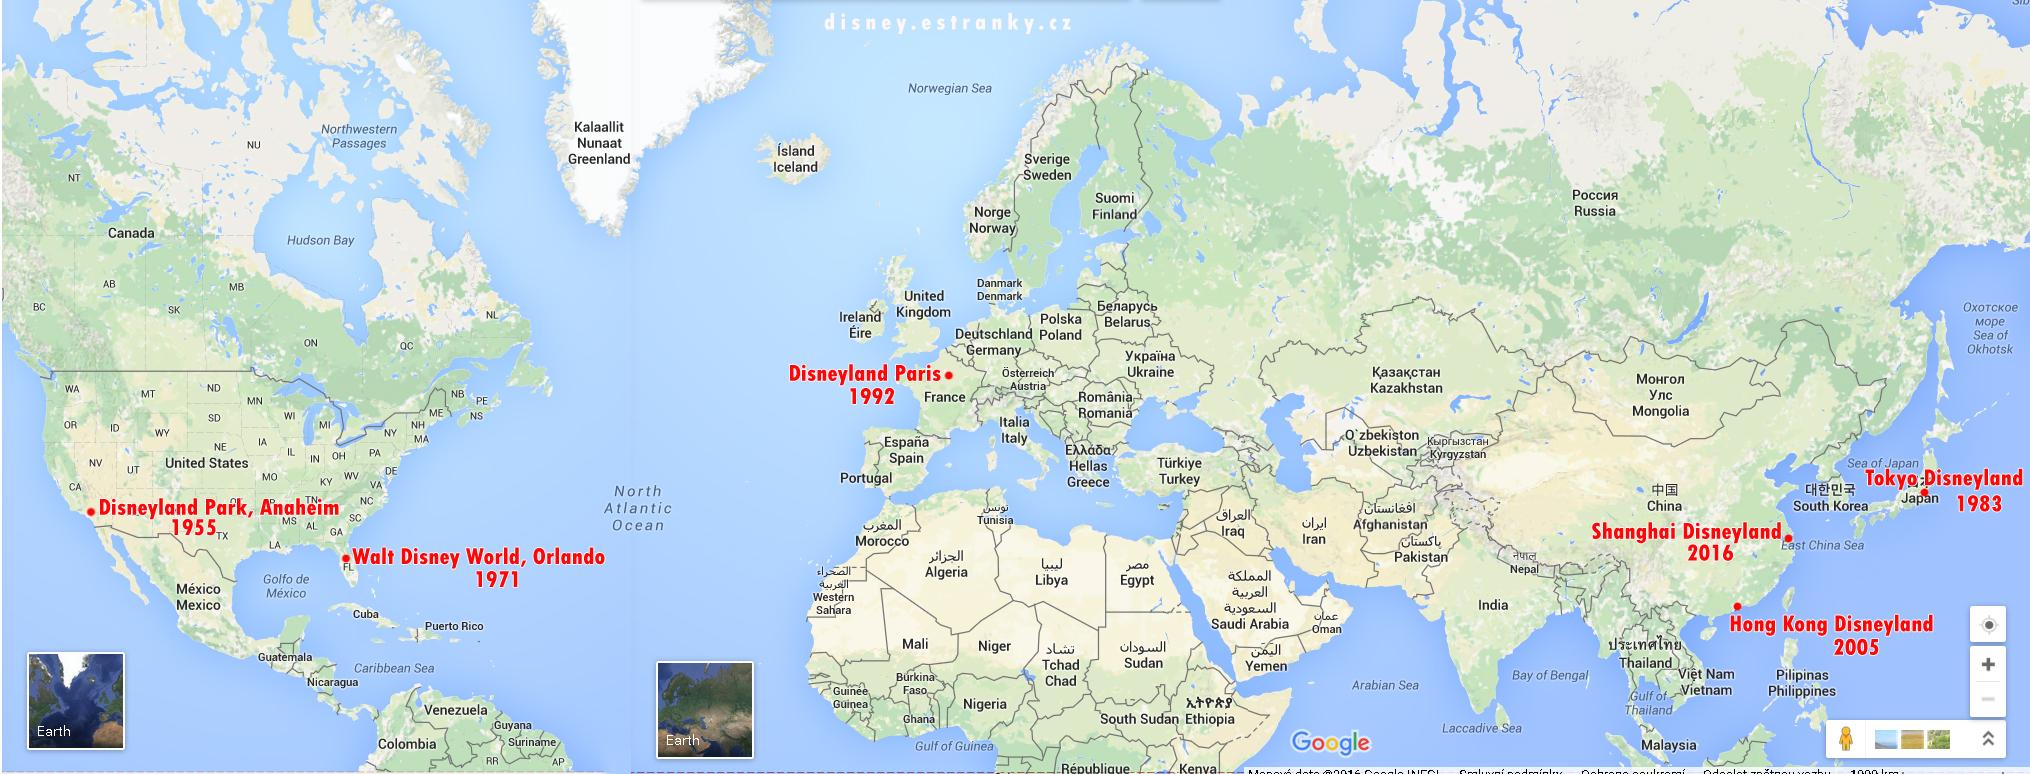 Světová mapa Disneylandů